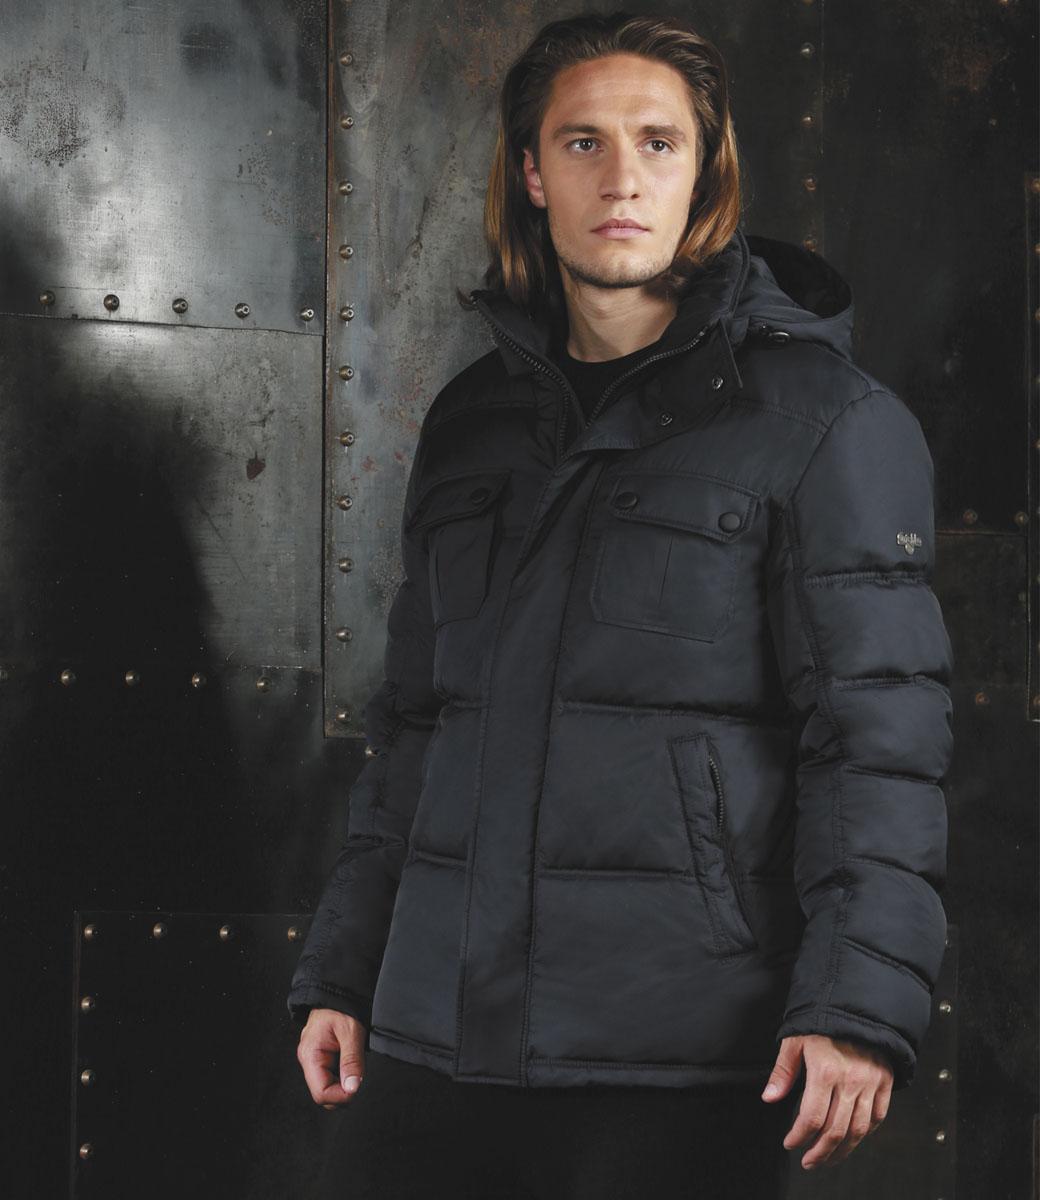 Куртка мужская Grishko, цвет: черный. AL-2975. Размер 50AL-2975Практичная универсальная куртка спортивного силуэта Grishko с застежкой на молнию и закрытым глубоким капюшоном, снабженным фиксаторами, дополнительно защищающим от непогоды, - незаменимая модель в холодную осеннюю погоду. Куртка дополнена двумя накладными карманами с клапанами на кнопках на груди, двумя боковыми втачными карманами на молнии и внутренним карманом. Утеплитель - 100% микрофайбер - это утеплитель нового поколения, который отличается повышенной теплоизоляцией, антибактериальными свойствами, долговечностью в использовании и необычайно легок в носке и уходе.